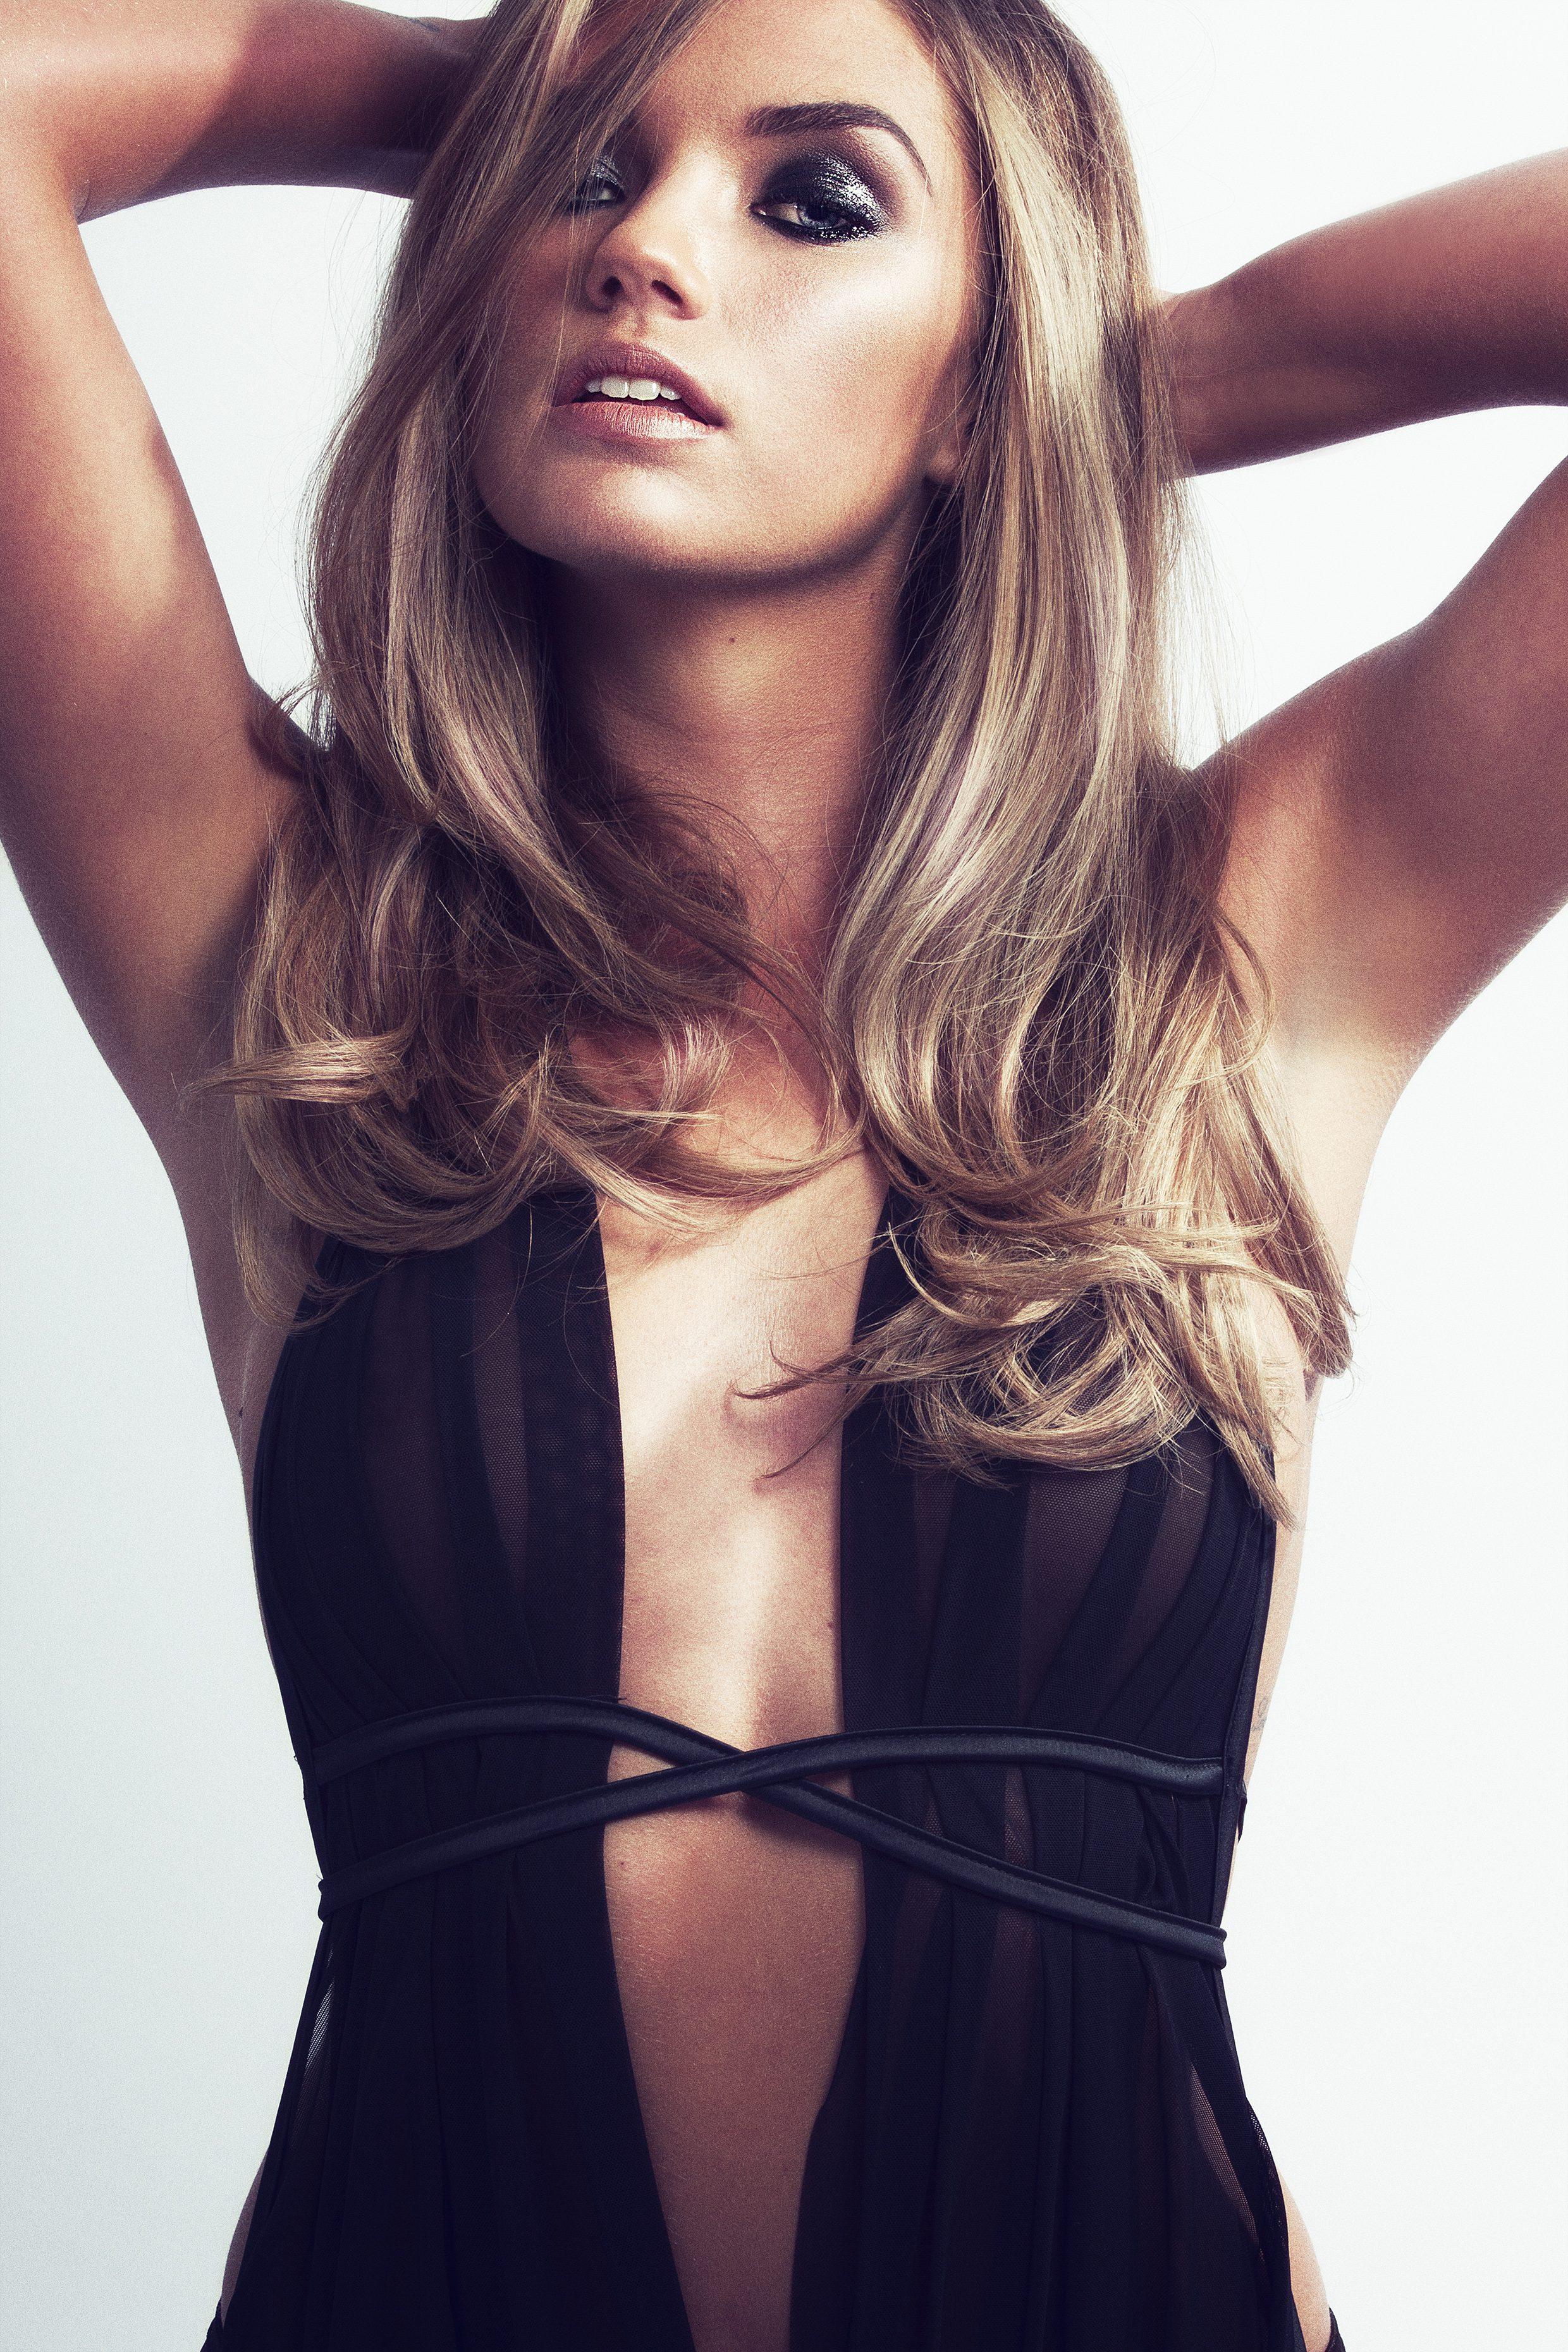 McMahon modeling Lascivious body/ lascivious.co.uk - Photo Credit: Jo Emmerson